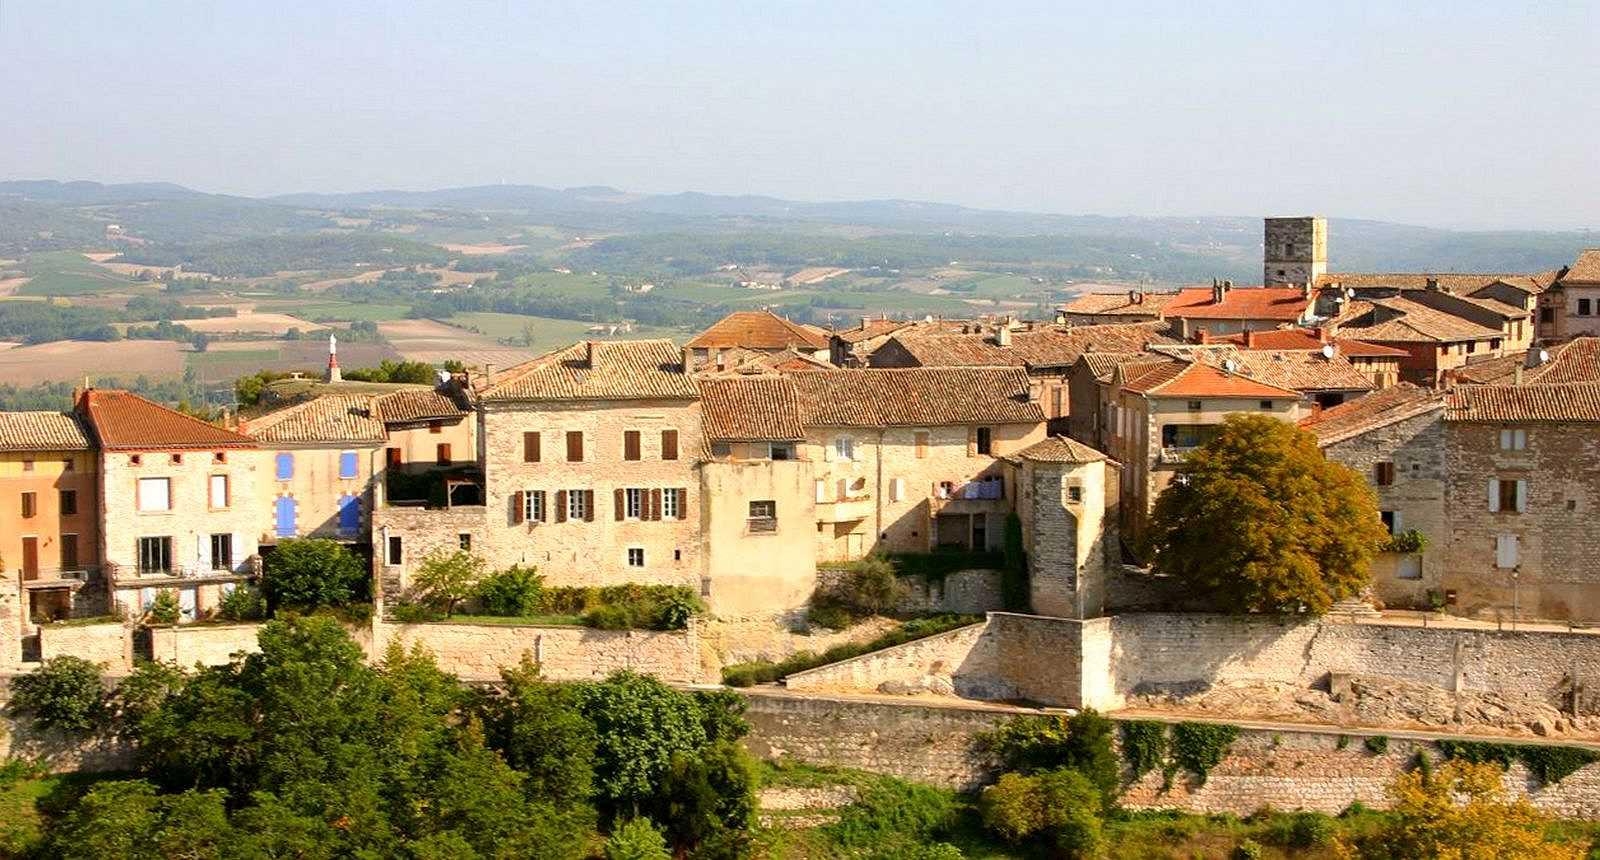 Le village de Castelnau de Montmiral